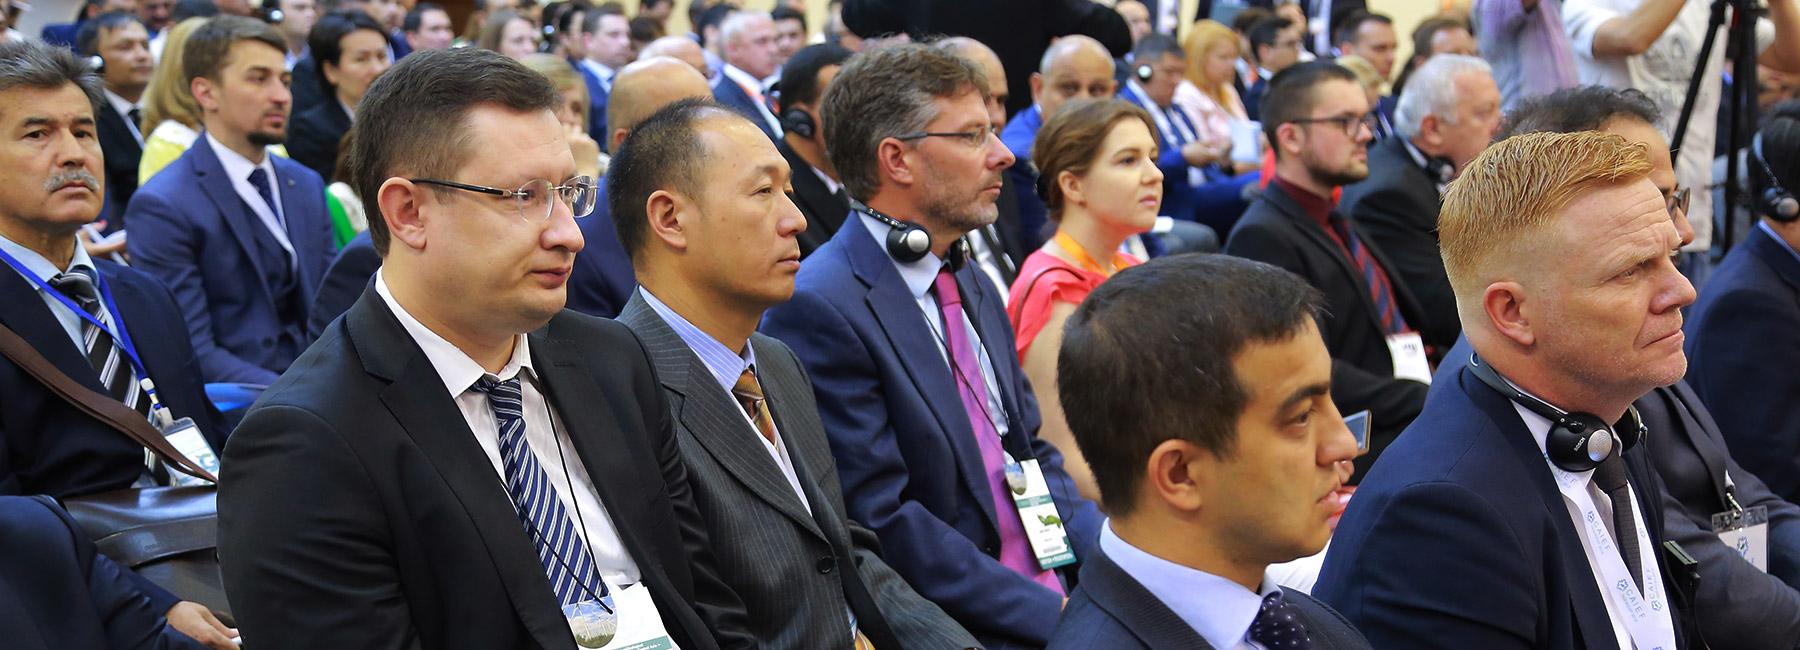 Как отказаться от гражданства узбекистана в россии по новому закону